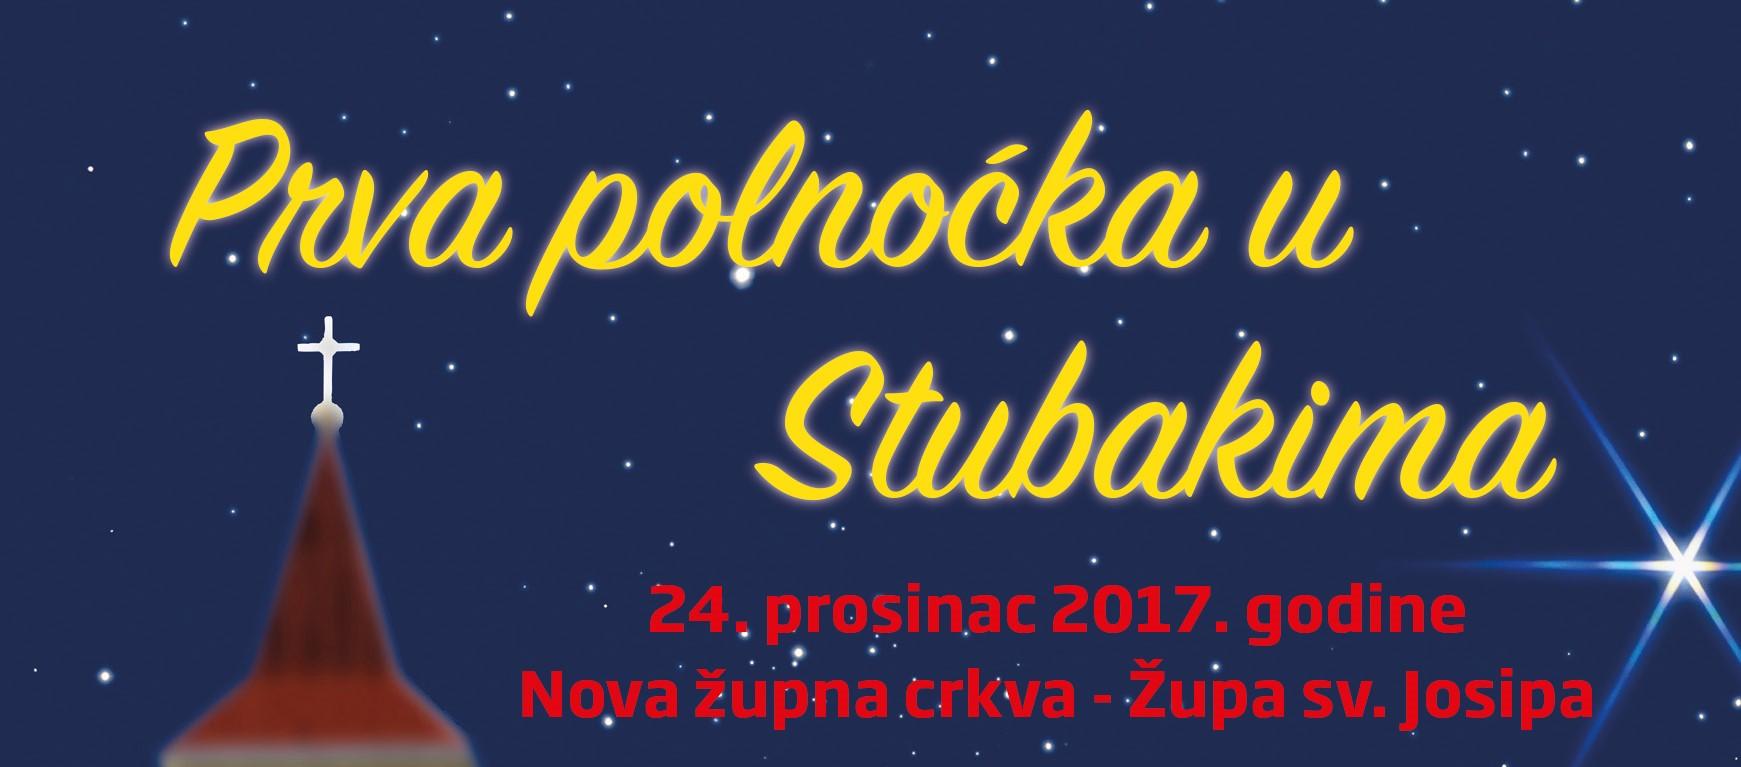 LokalnaHrvatska.hr Stubičke Toplice Prva polnocka u Stubakima u novoj zupnoj crkvi sv. Josipa